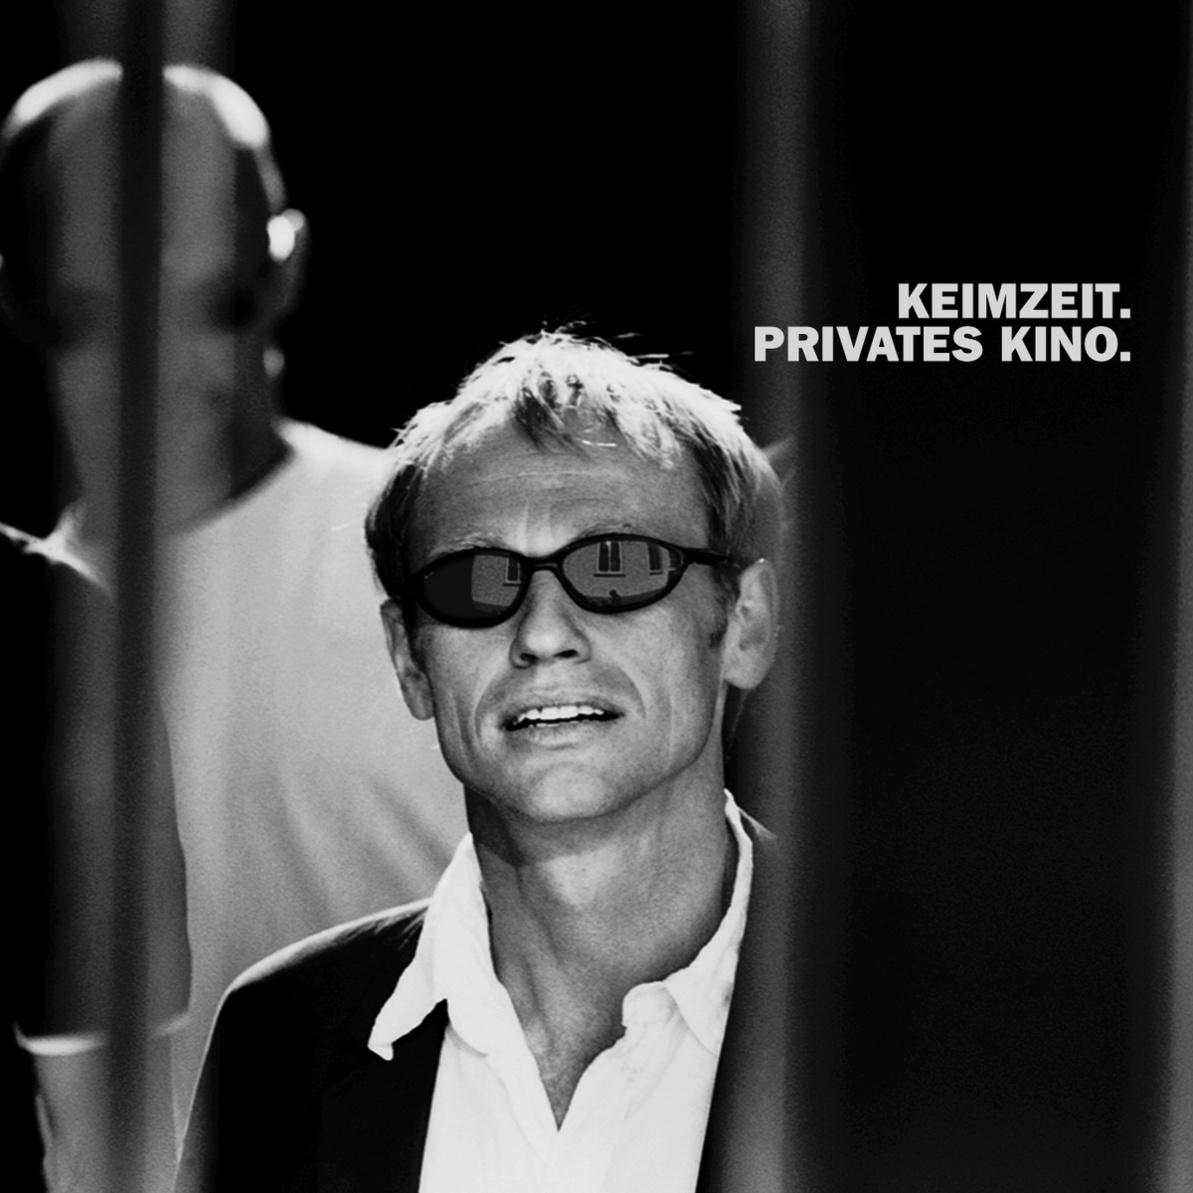 Keimzeit - Privates Kino